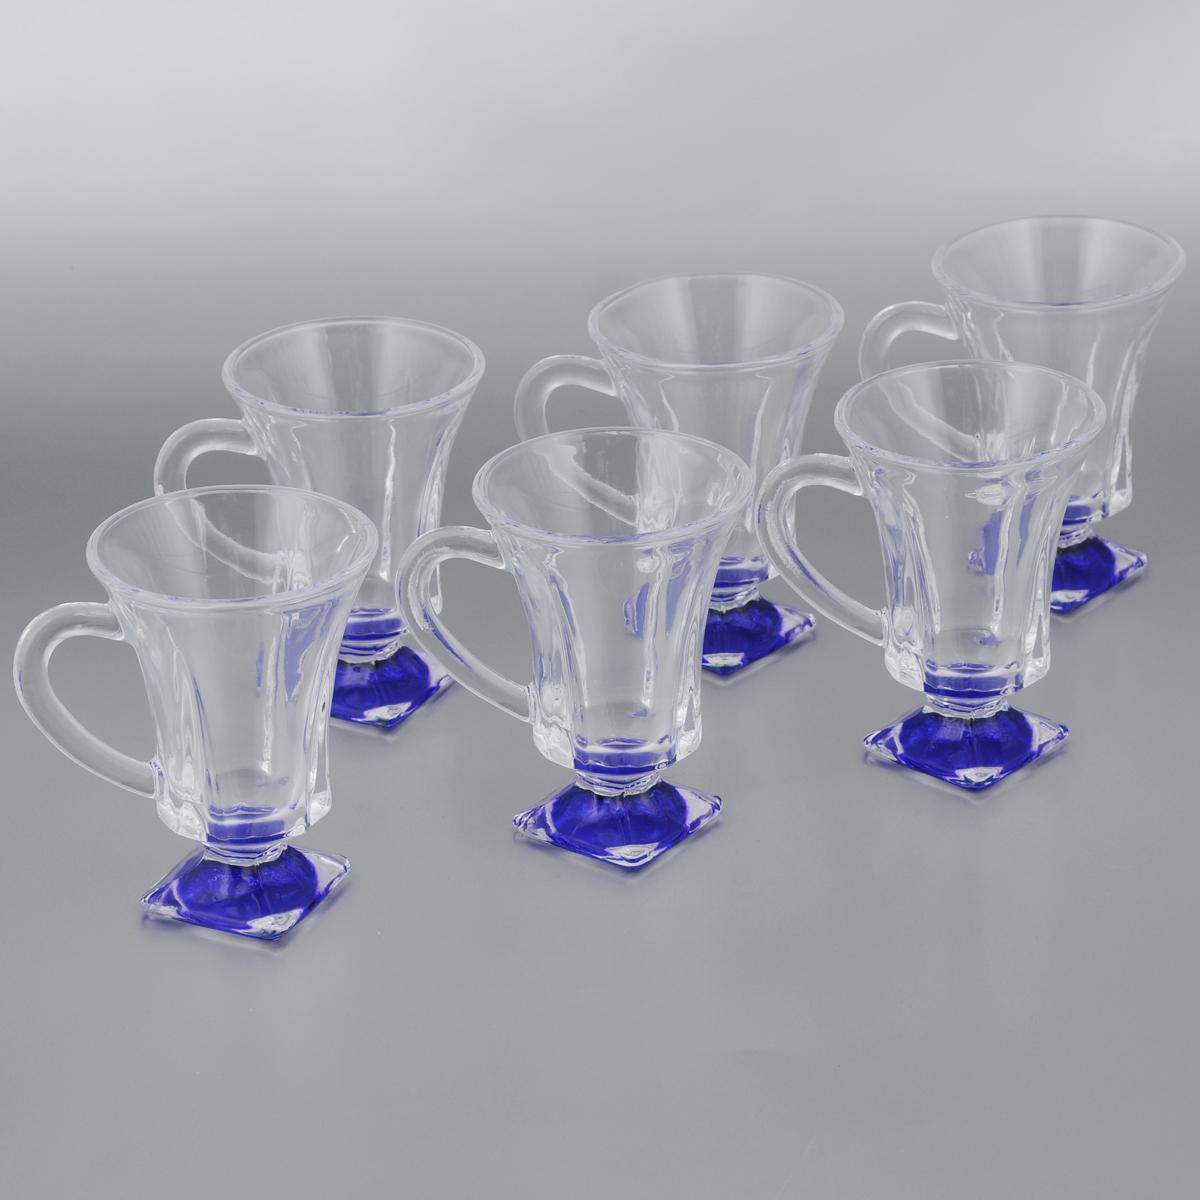 цены на Набор стаканов для глинтвейна Mayer & Boch